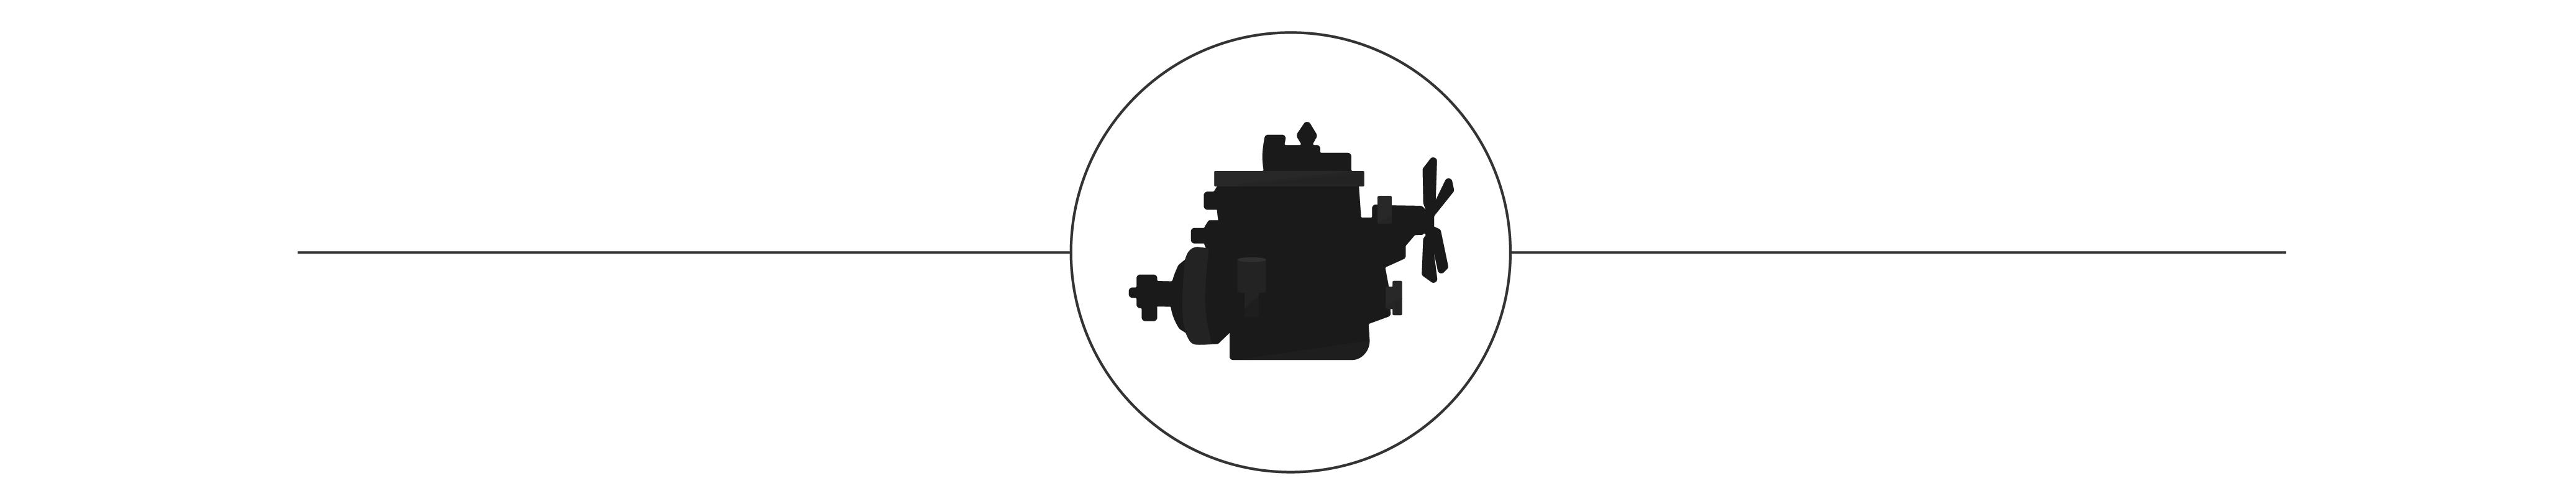 мкпп пассат b3 ремонт мкпп 1.8 схема